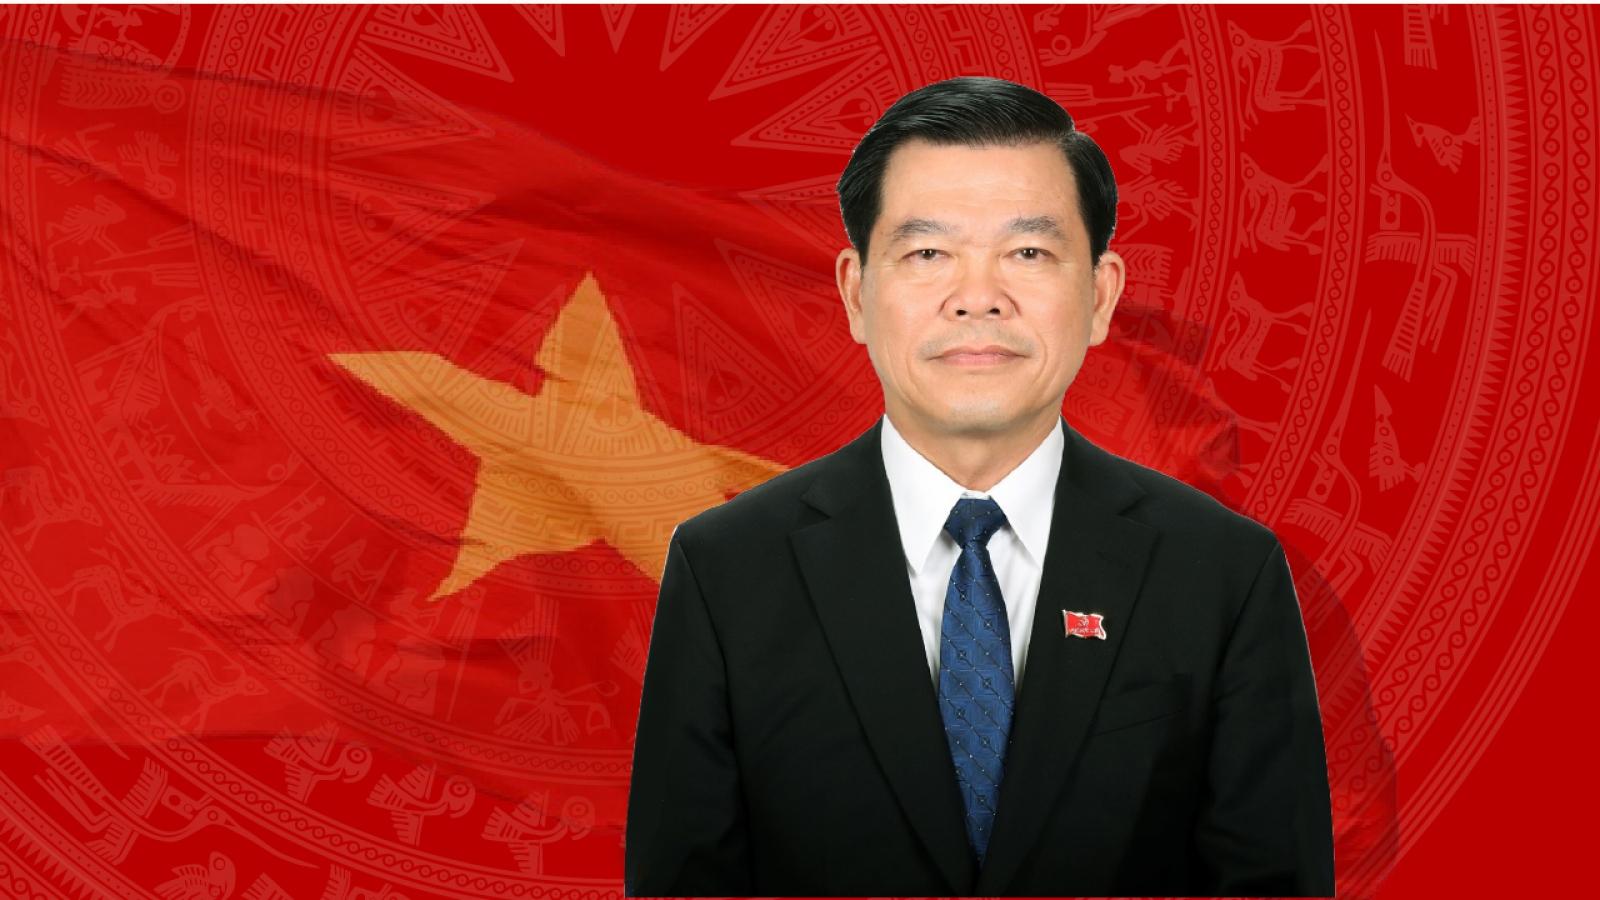 Quá trình công tác của Bí thư Tỉnh ủy Đồng Nai Nguyễn Hồng Lĩnh